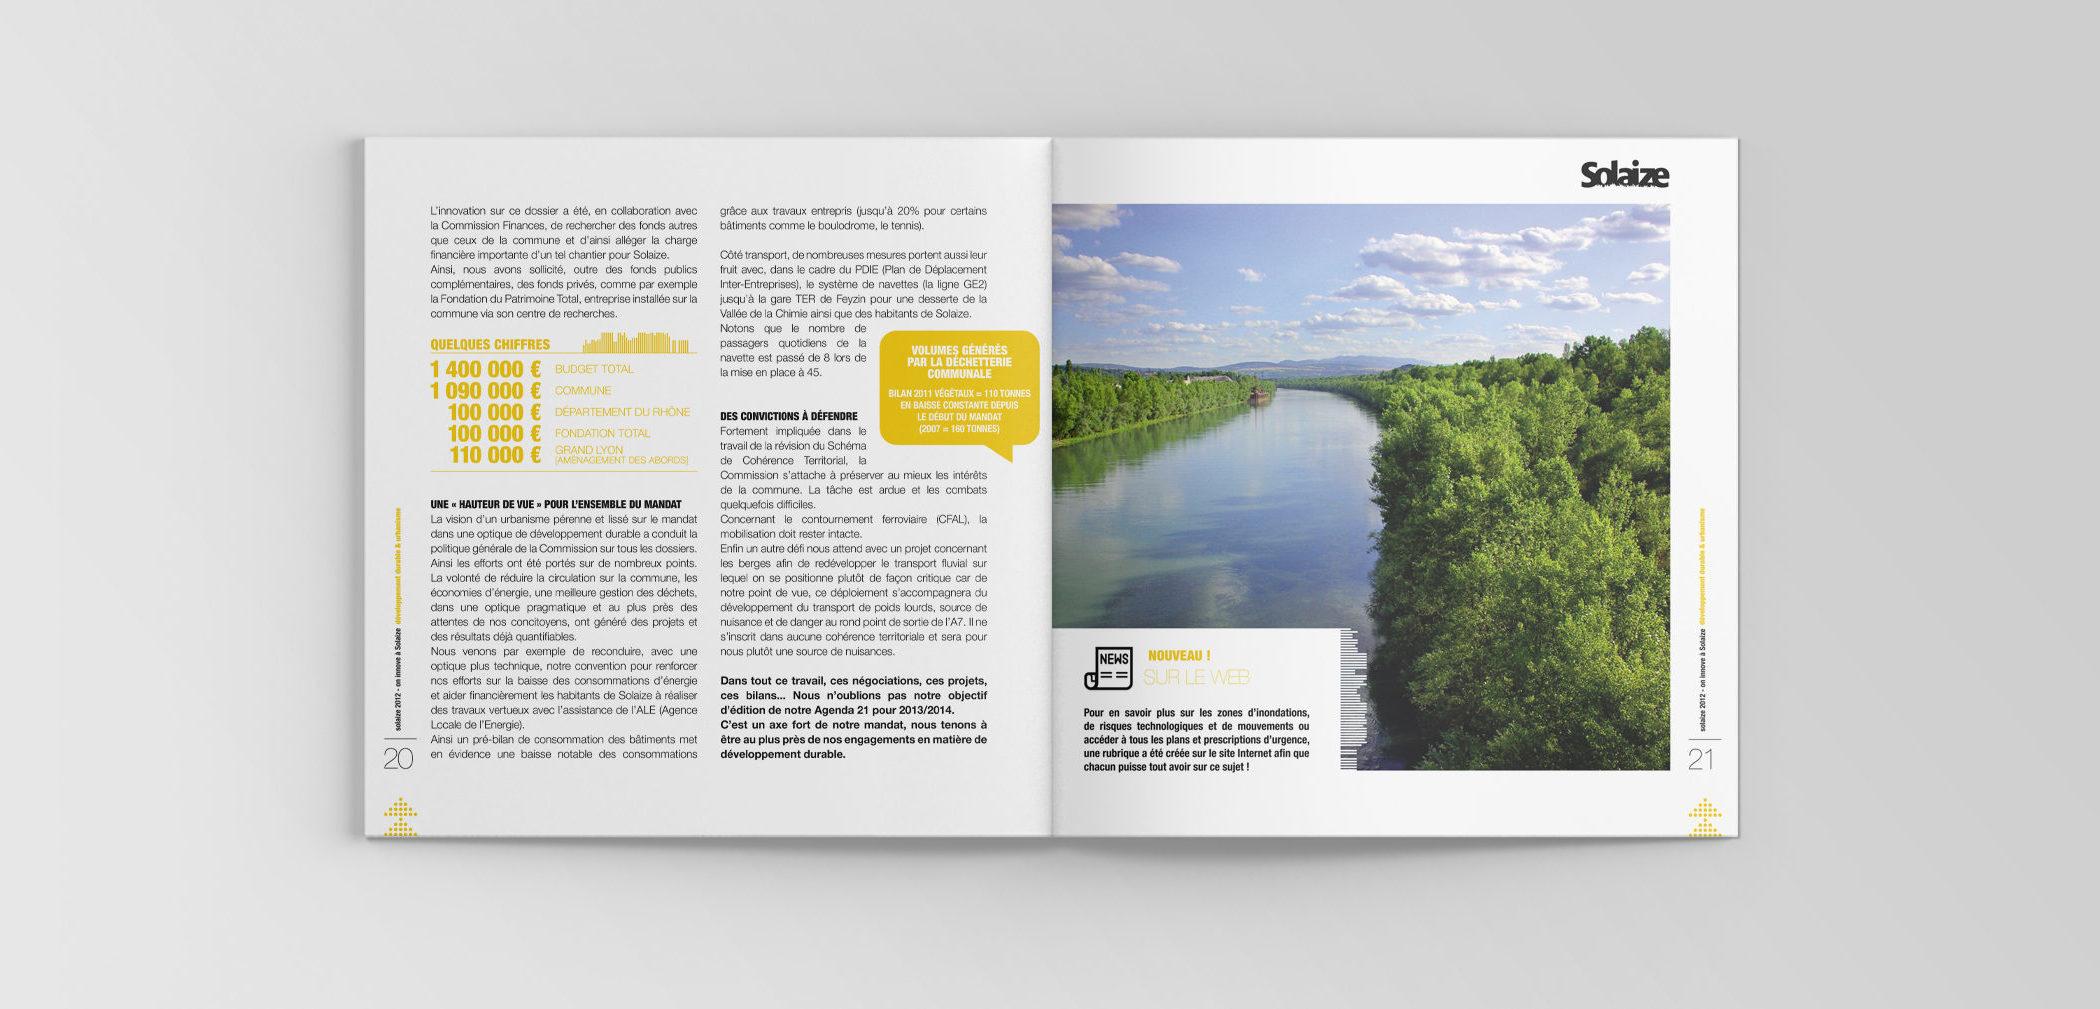 Intérieur des pages de la brochure municipale de Solaize avec une infographie et une photographie des bords de l'eau